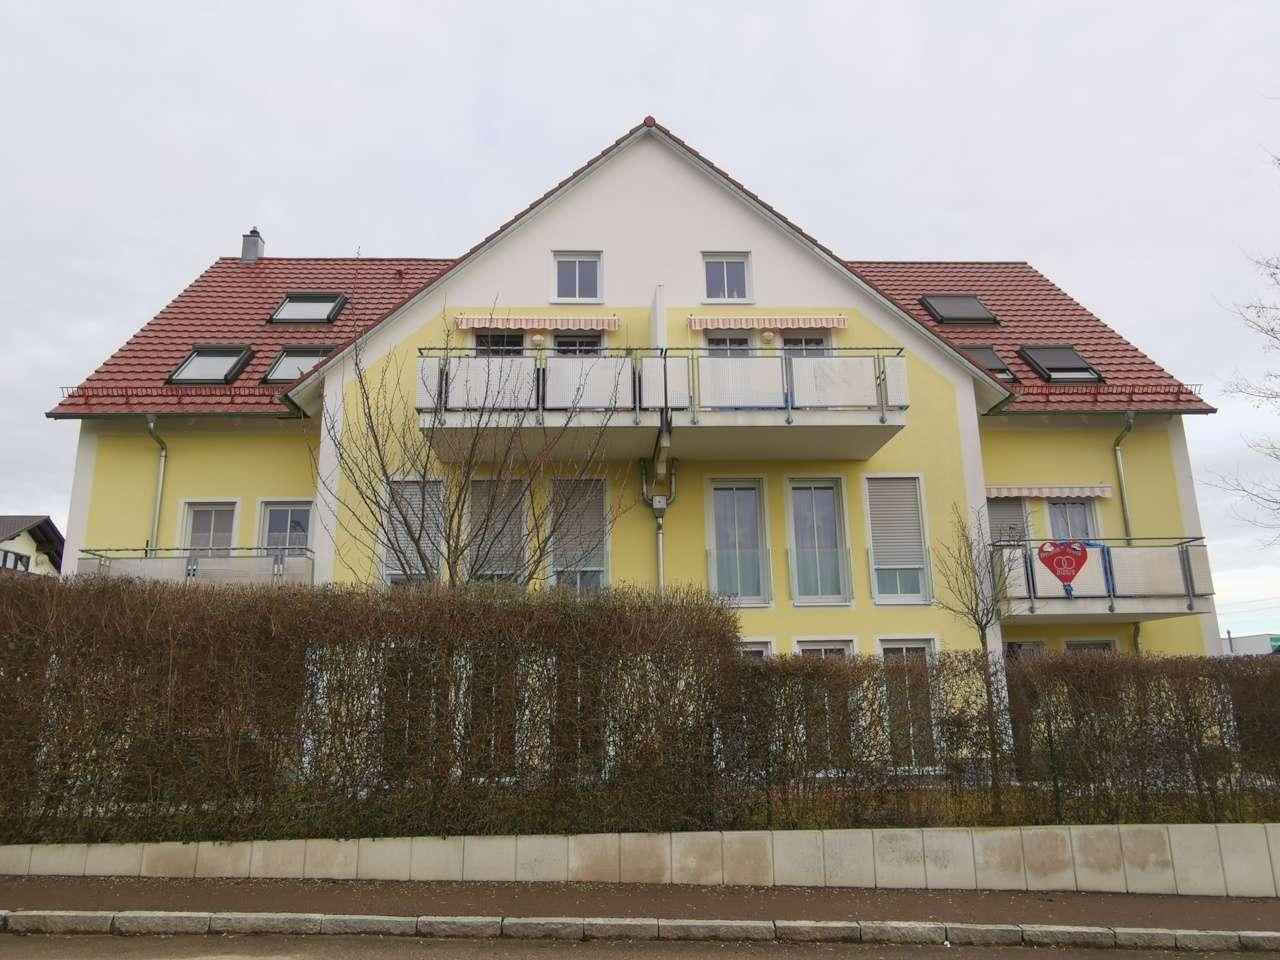 Helle, großzügige 5-Zimmer-Maisonette-Wohnung in Dasing bei Augsburg in